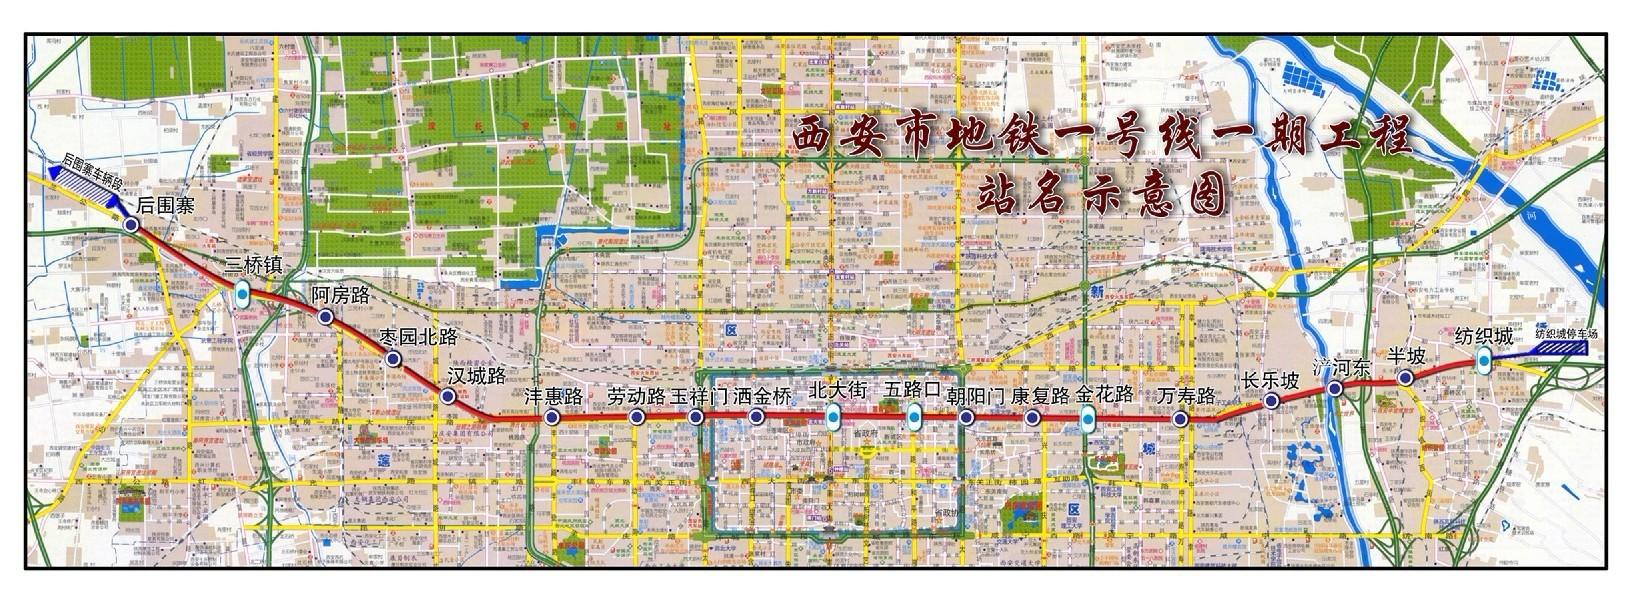 西安地铁一号线线路图(点击图片查看高清线路图)-西安地铁一号线图片